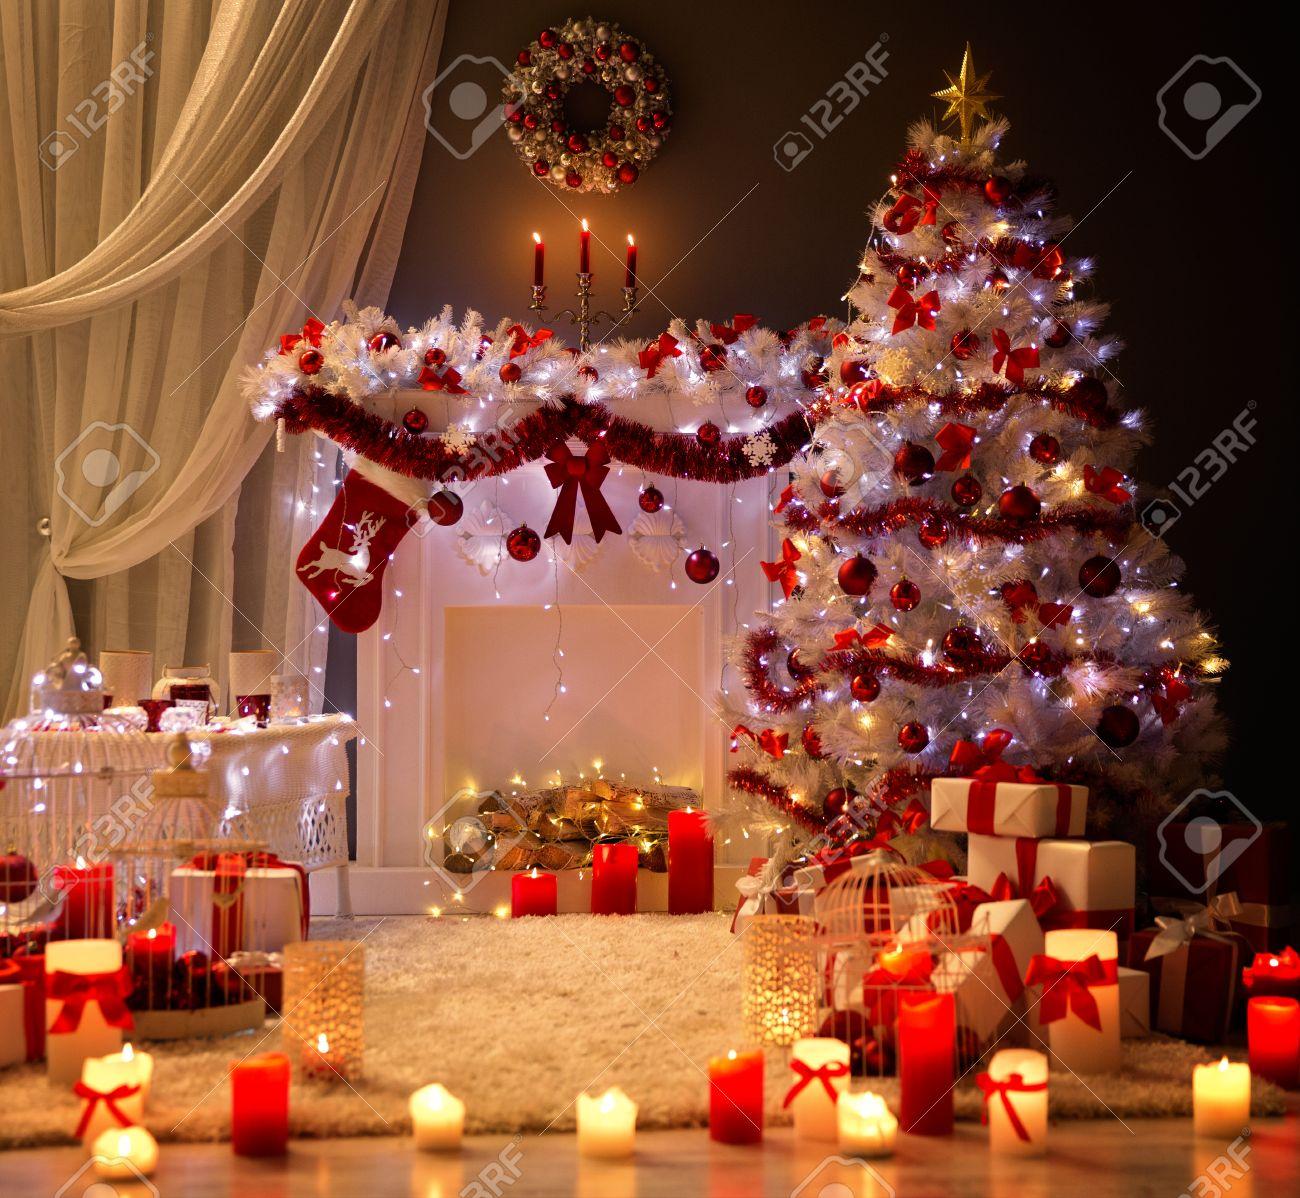 クリスマスインテリア, Xmas Tree Fireplace Light, Decorated Home Room